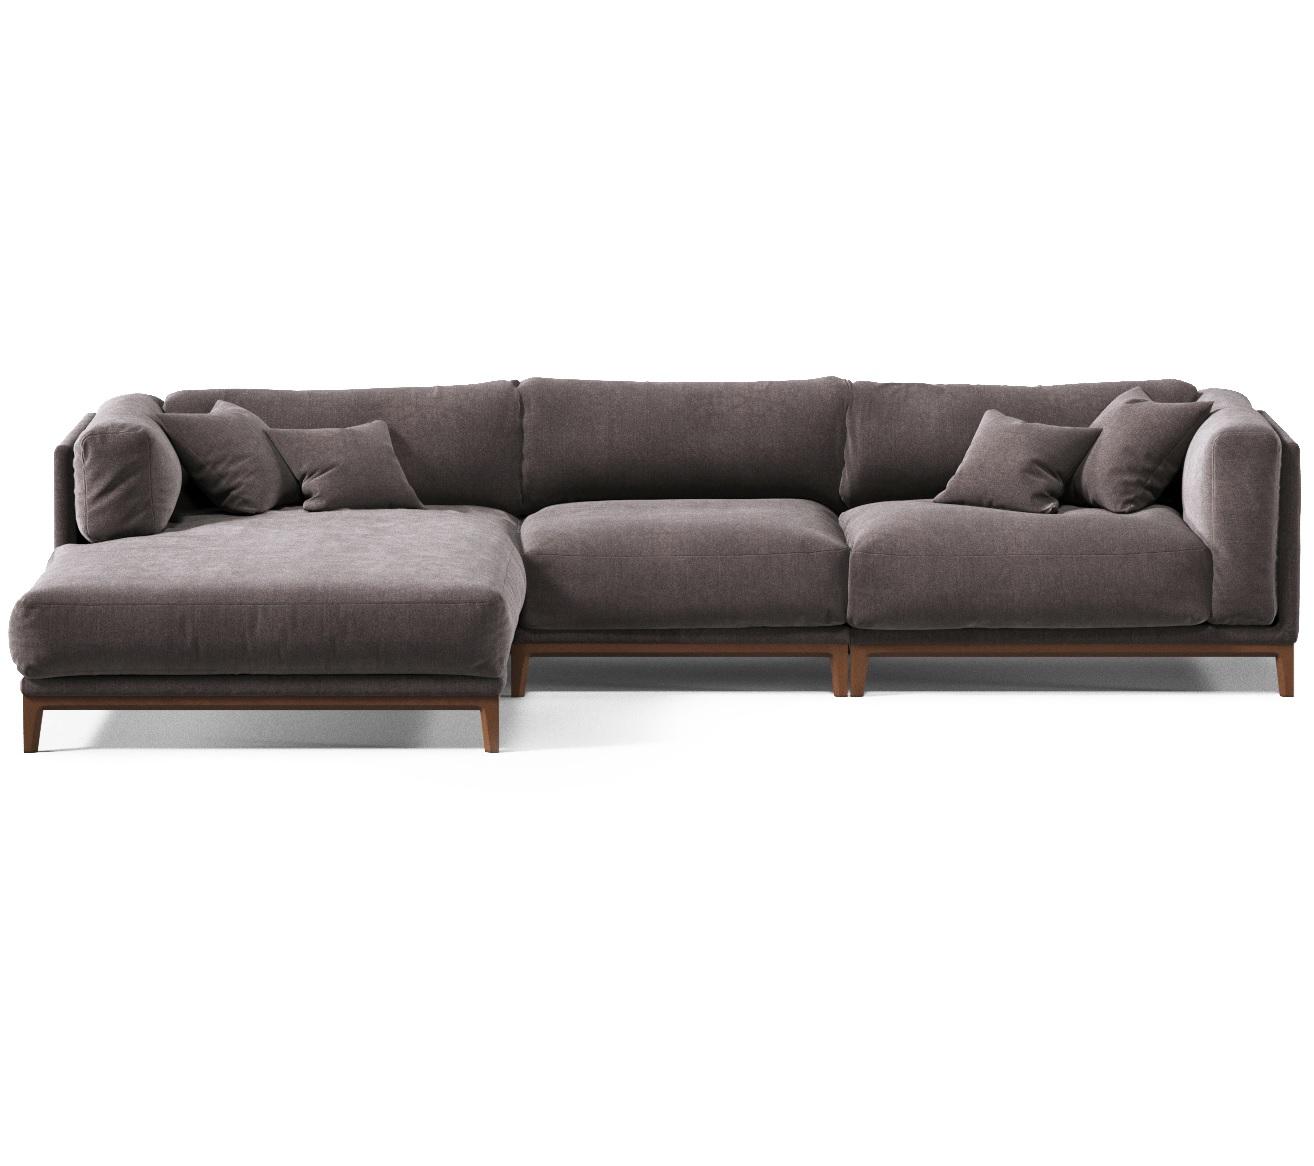 Диван Case 4Угловые диваны<br>&amp;lt;div&amp;gt;Эта модель четырехместного дивана подойдет в любые помещения благодаря модульной конструкции, современному дизайну и эргономичному наполнителю. Объемные подушки из прорезиненного пенополиуретана нескольких степеней жесткости вместе с удобной глубокой посадкой создают необычайно комфортную зону отдыха и легко восстанавливают форму.&amp;lt;br&amp;gt;&amp;lt;/div&amp;gt;&amp;lt;div&amp;gt;&amp;lt;br&amp;gt;&amp;lt;/div&amp;gt;&amp;lt;div&amp;gt;Все чехлы съемные, их легко стирать. Диваны не имеют оборотной стороны и могут устанавливаться в центре помещения. В комплекте с диваном поставляются декоративные подушки.&amp;amp;nbsp;&amp;lt;div&amp;gt;Диван Case доступен к заказу в нескольких категориях ткани и с 5 вариантами тонировки ножек. Кроме того, возможен заказ дивана Case в индивидуальном размере и в собственной ткани.&amp;lt;/div&amp;gt;&amp;lt;div&amp;gt;Вы можете выбрать любой цвет обивки из палитры. В категории 1 цена без изменения. Категории 2 и 3 цена по запросу у менеджера.&amp;amp;nbsp;&amp;lt;div&amp;gt;Также возможны нестандартные варианты сочетания обивки и отделки дивана. Гарантия на изделия составляет 3 года.&amp;lt;/div&amp;gt;&amp;lt;/div&amp;gt;&amp;lt;/div&amp;gt;<br><br>Material: Текстиль<br>Length см: None<br>Width см: 342<br>Depth см: 195<br>Height см: 80<br>Diameter см: None